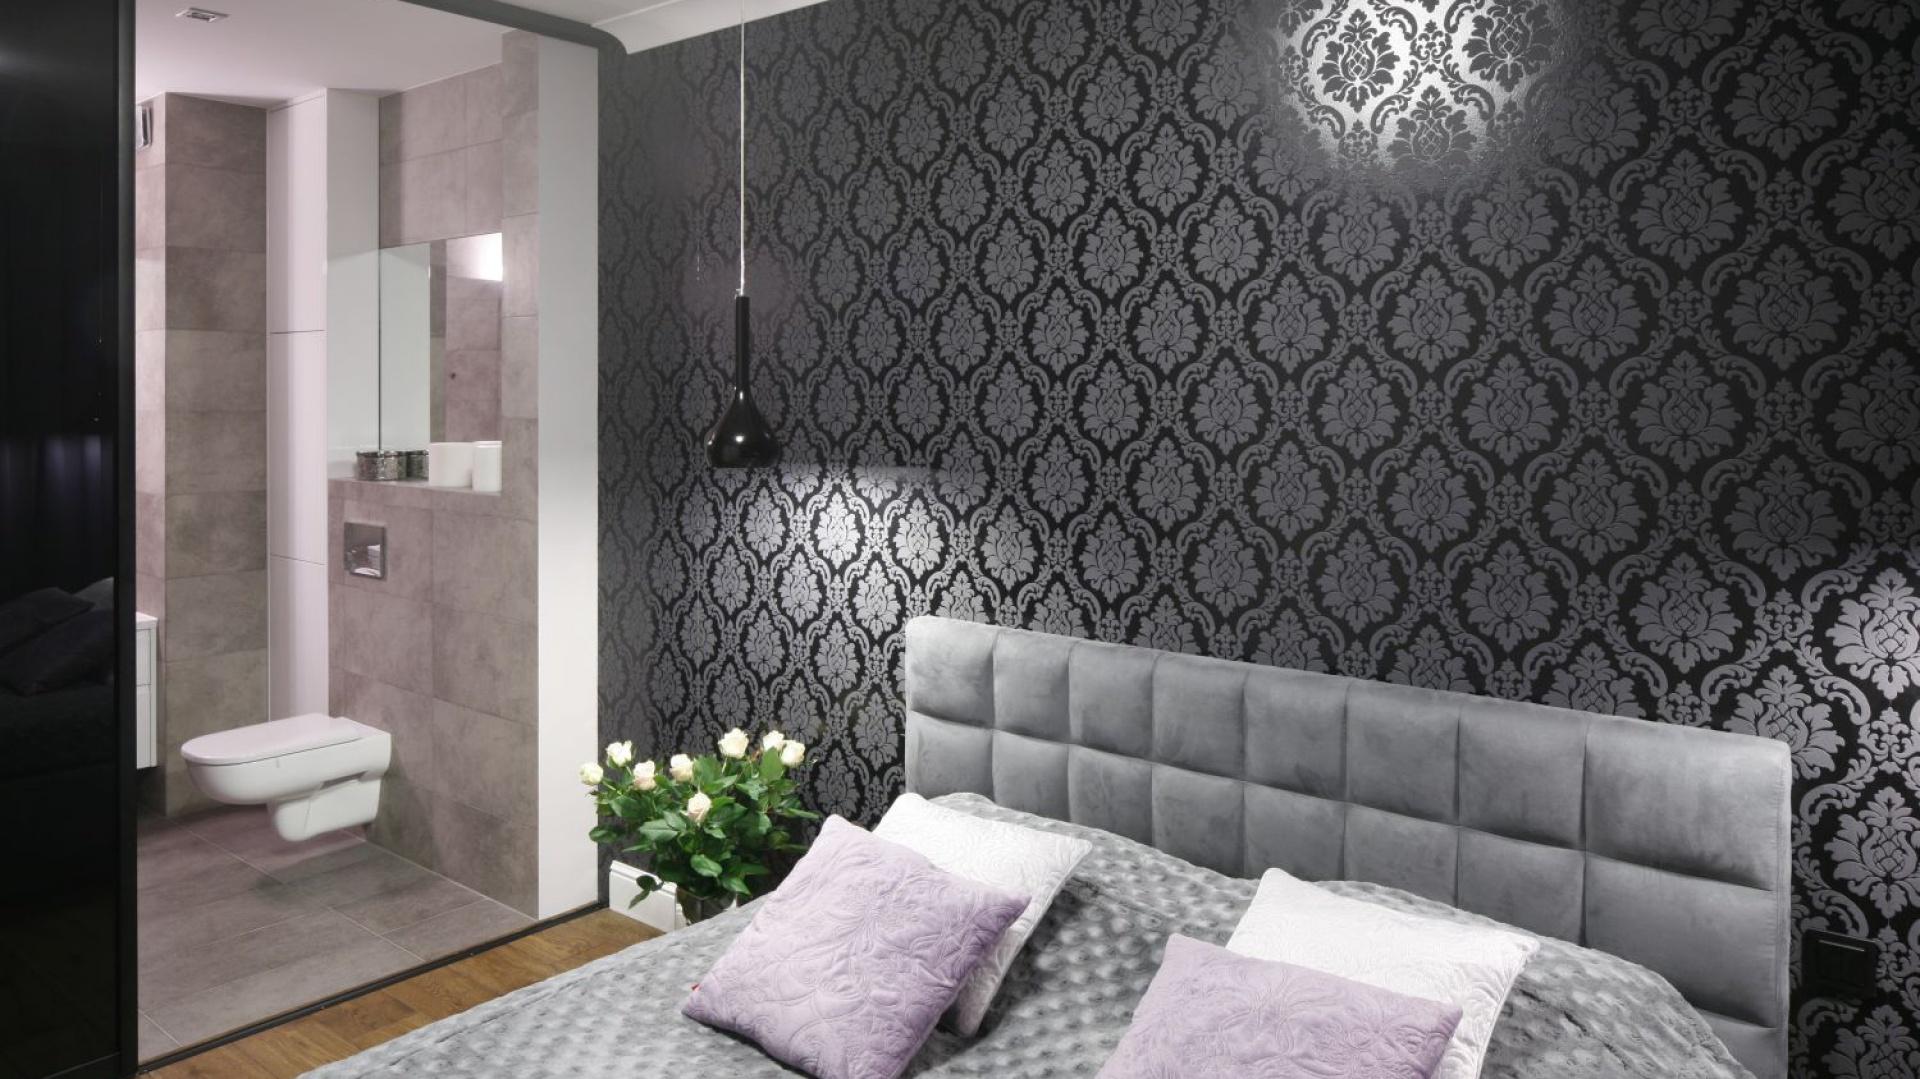 ściana W Sypialni Co Zamiast Farby 15 Ciekawych Pomysłów